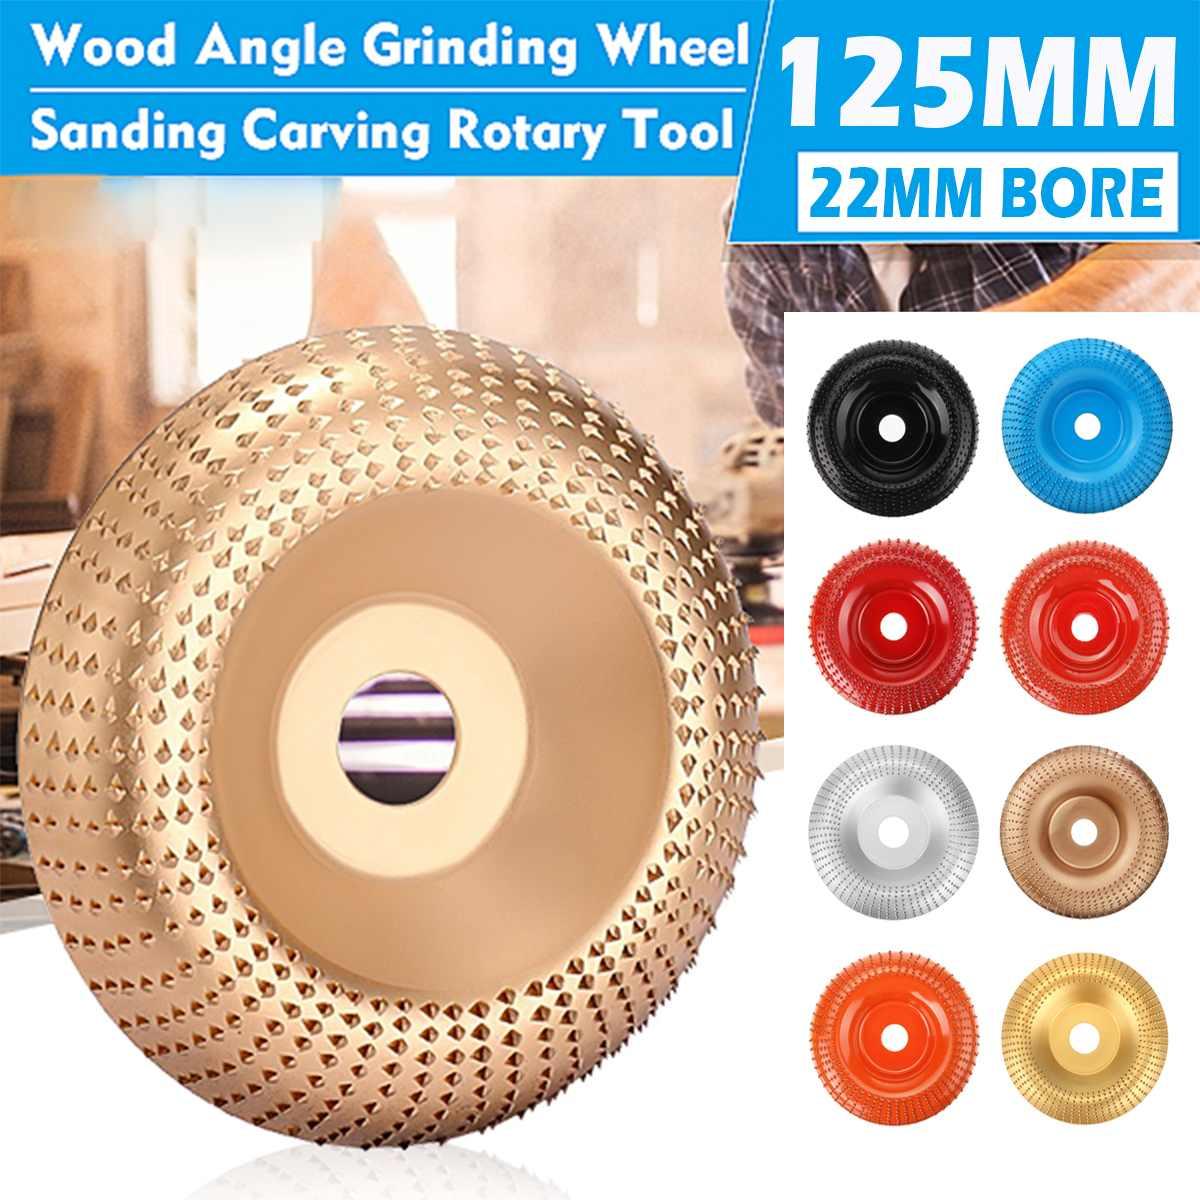 Roată de rectificat unghiular din lemn șlefuire unelte rotative disc abraziv pentru polizor unghiular carbură de tungsten 22mm 16mm modelare